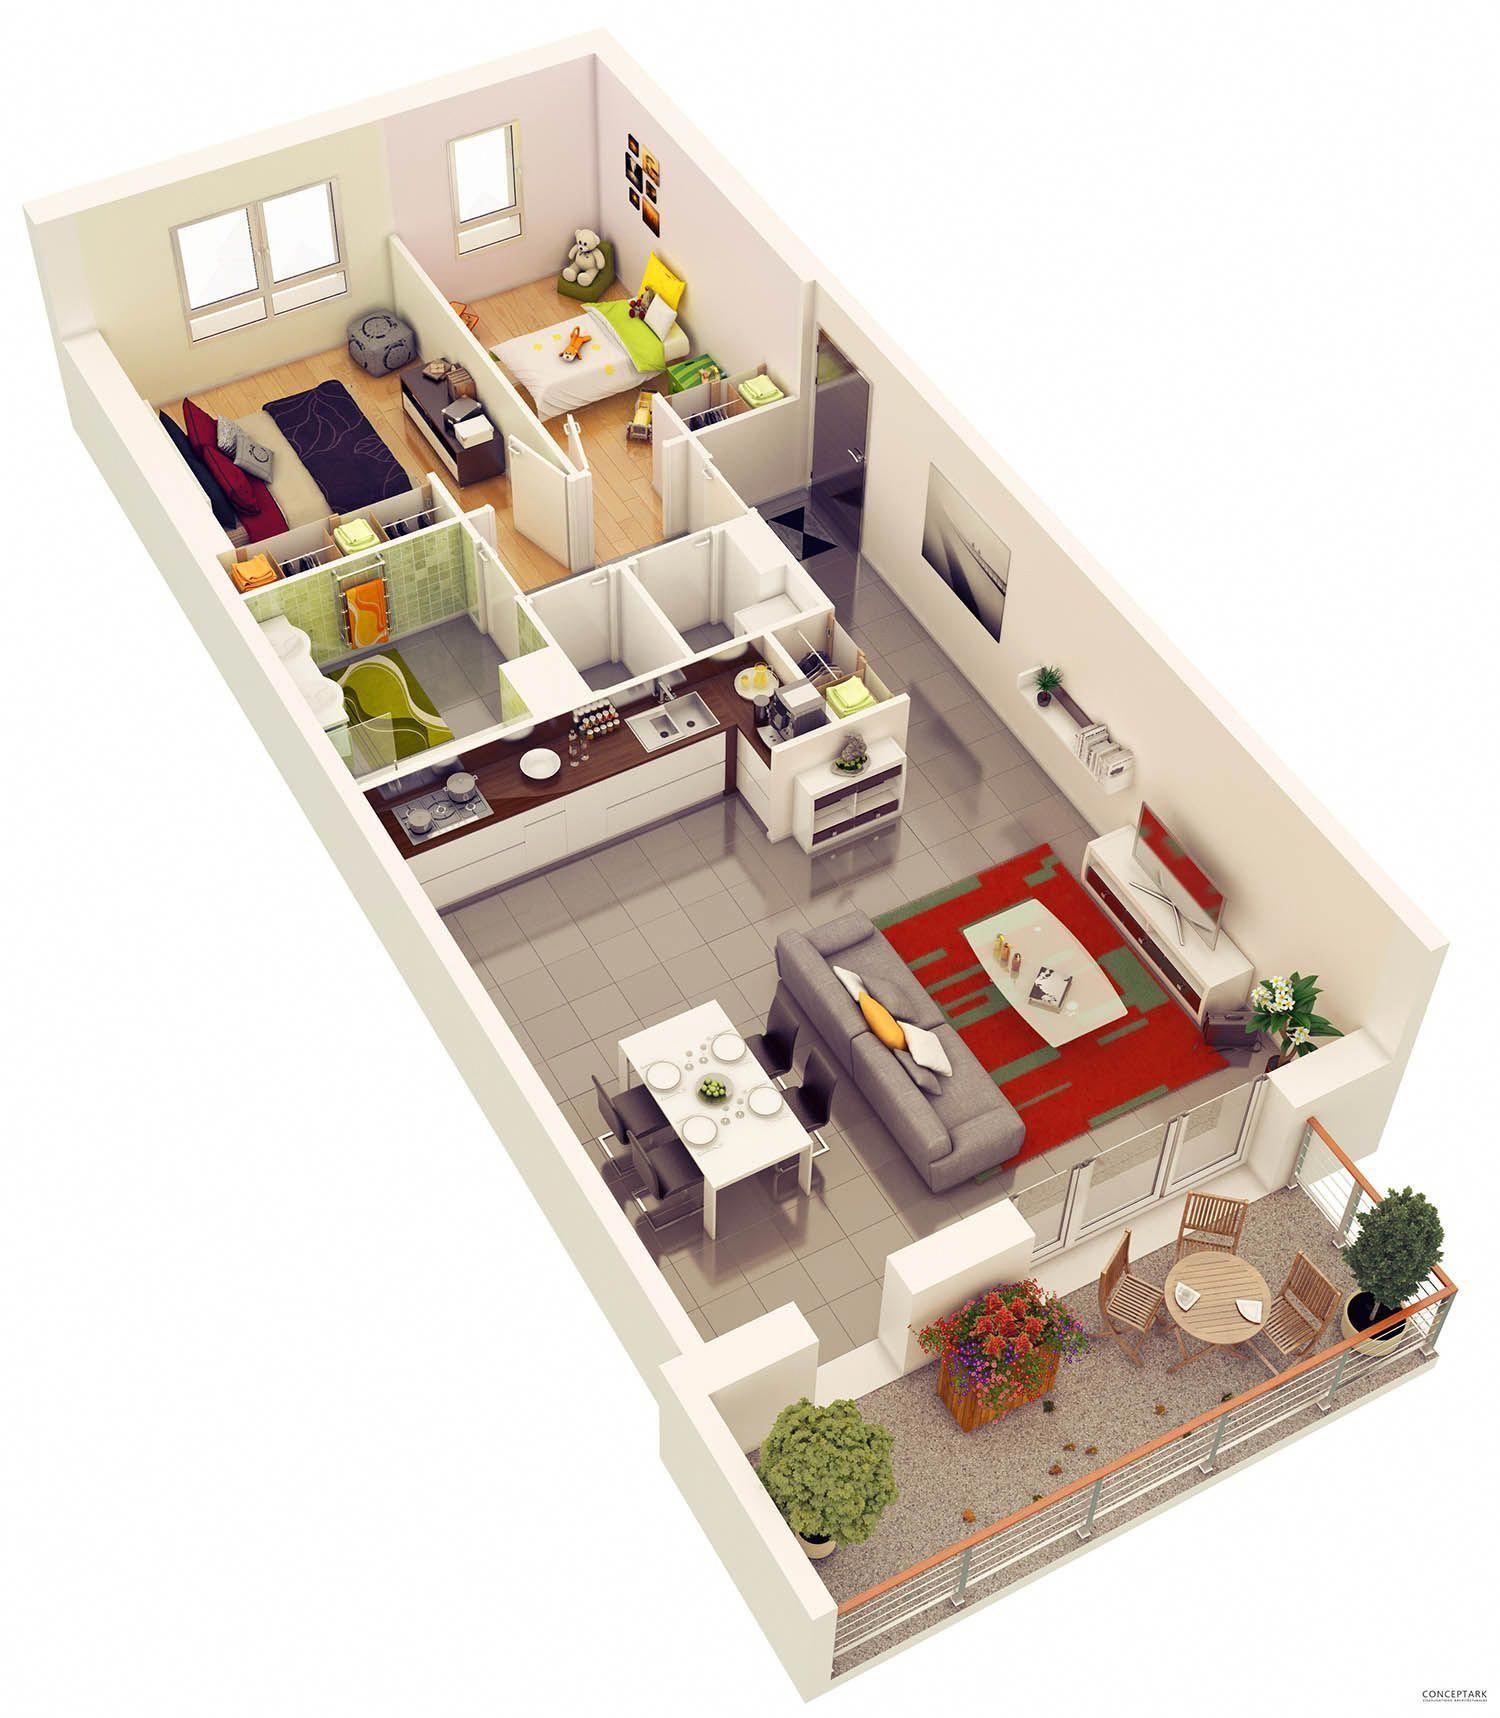 14 Inclusive Home Decor Bedroom Apartment Apartment Bedroom Decor Home Interiordecoratingtips Appartement Plattegronden Design Huis Projecten